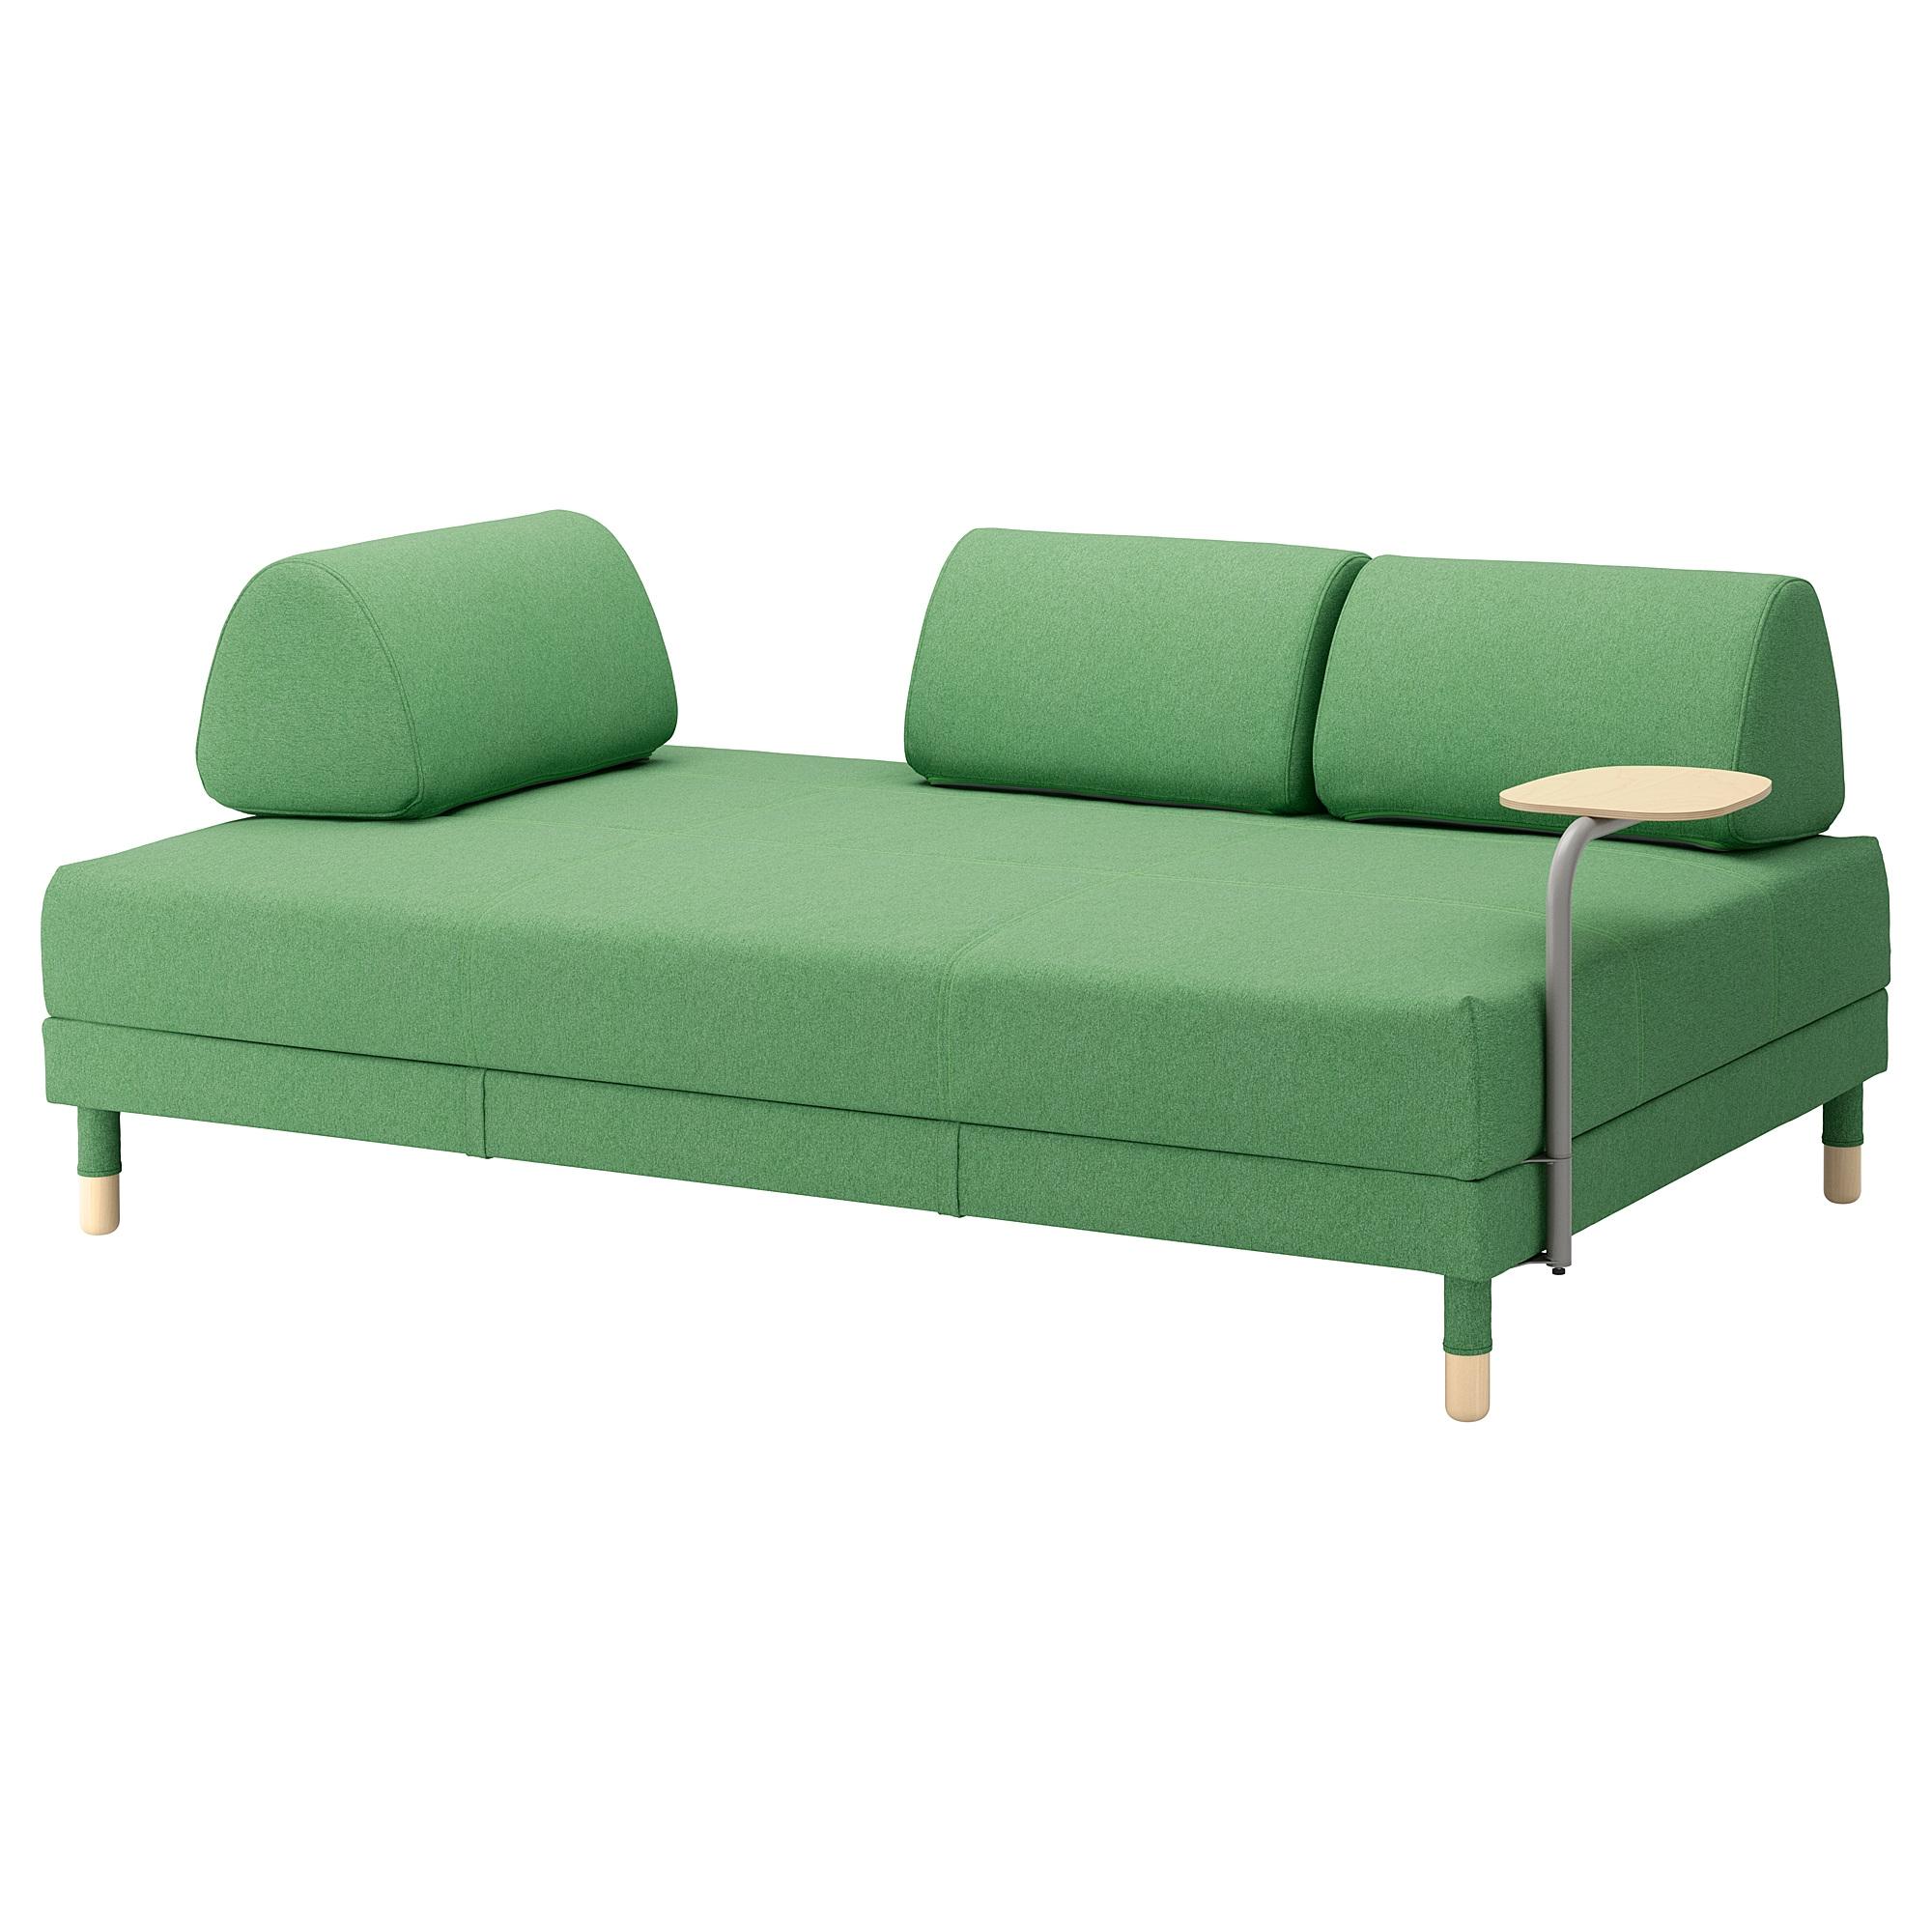 Flottebo Sofa Cama Mesa Auxiliar